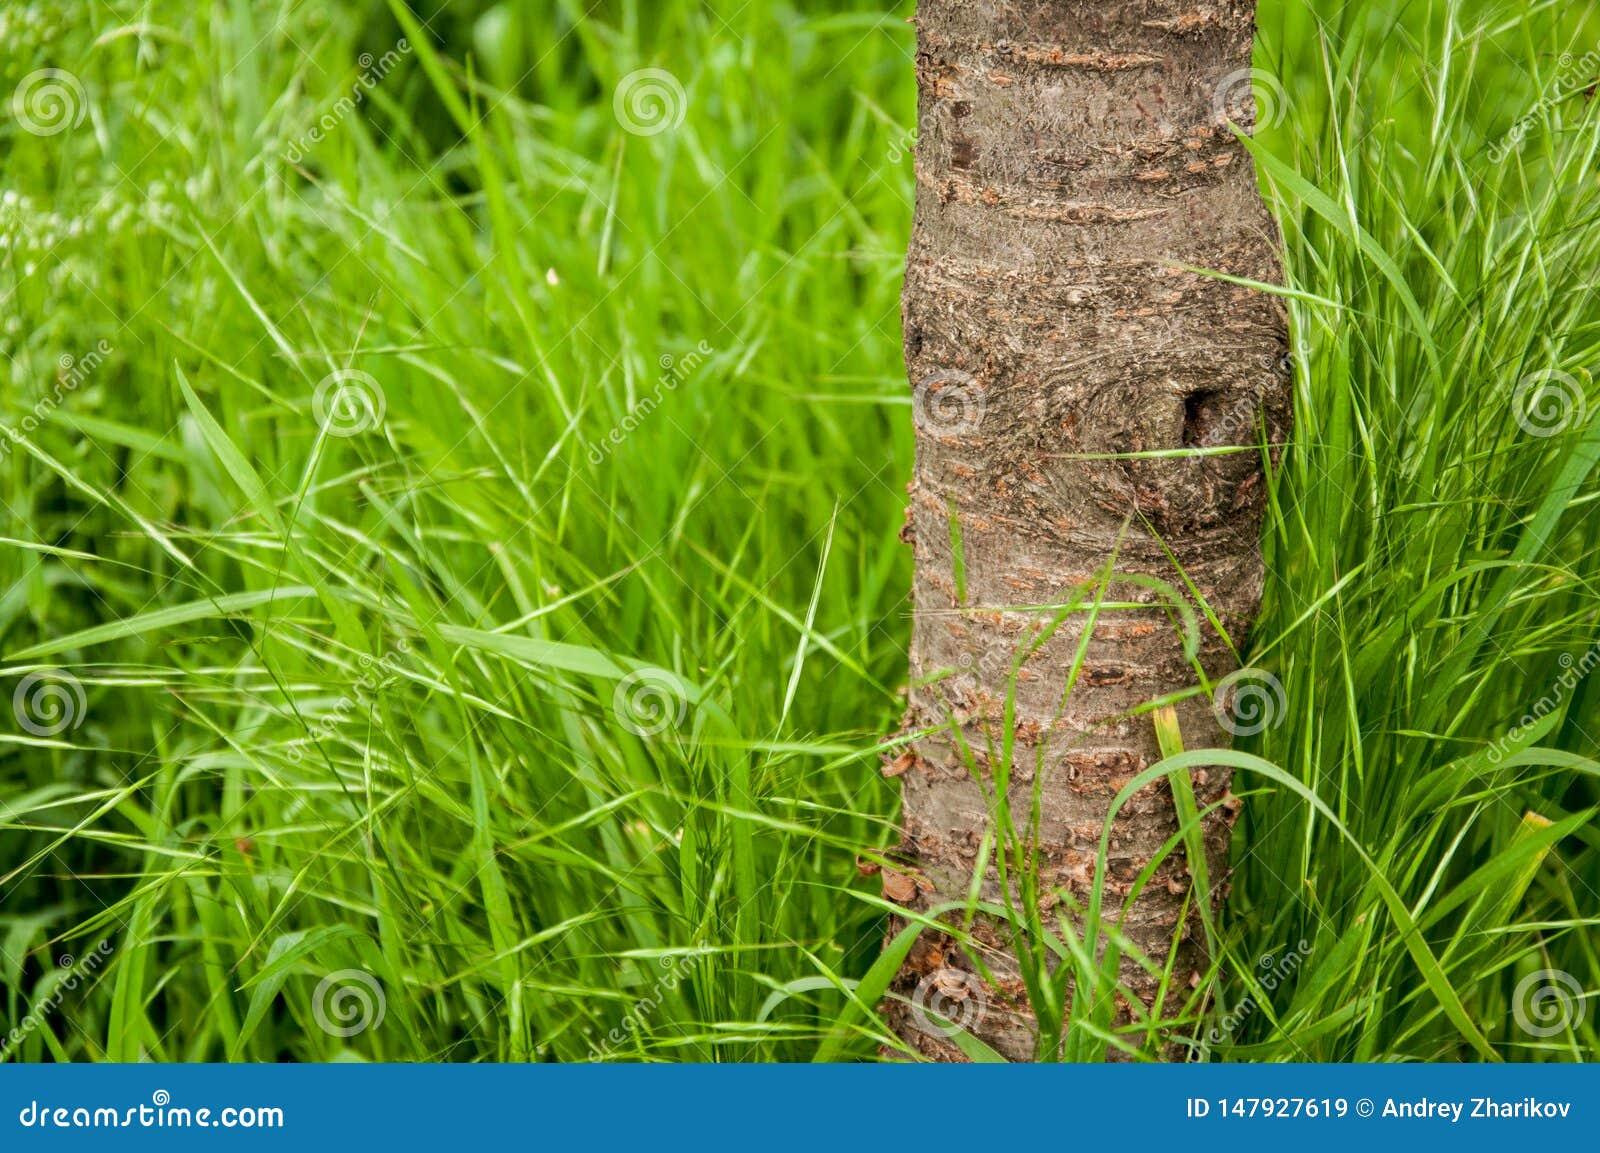 一棵小樱桃树的树干在夏天 生长高绿草 这是夏天外面